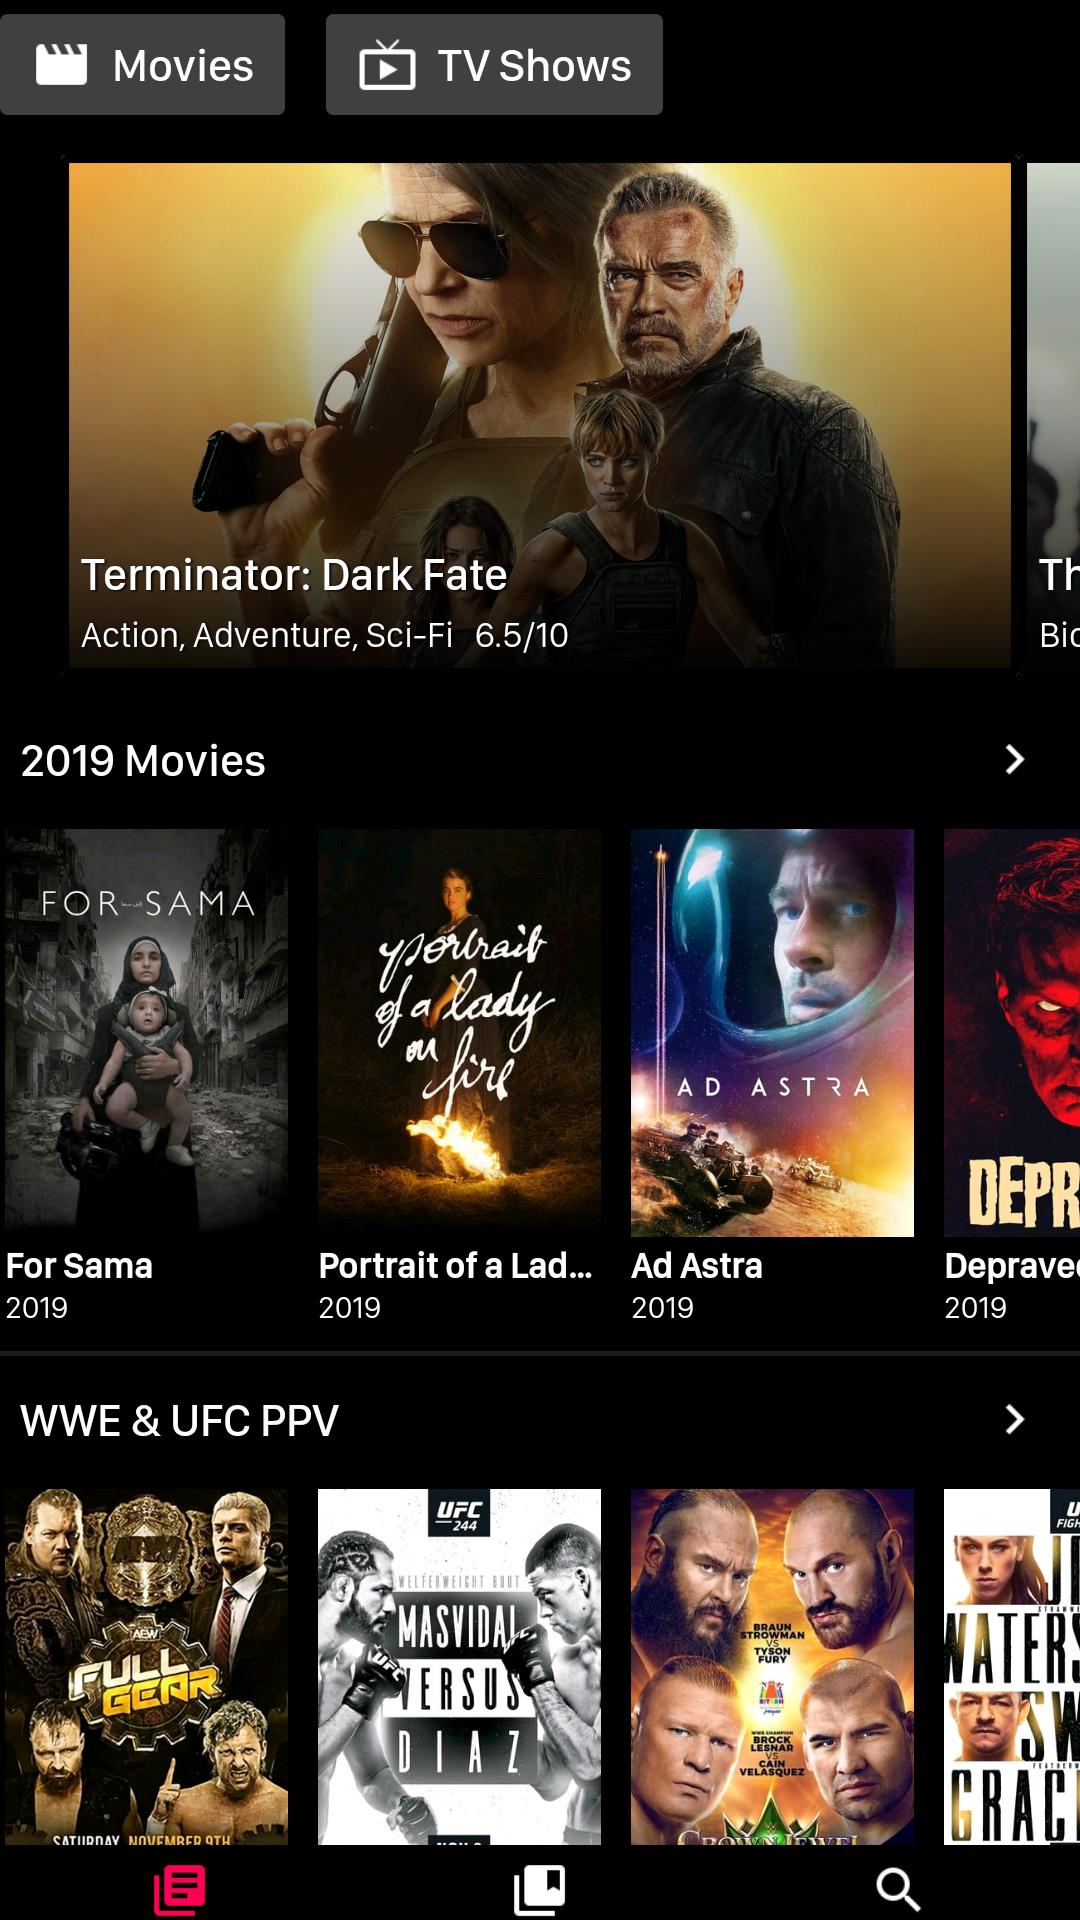 VivaTV - Download Viva TV apk app for Android, FireStick & FireTV 4